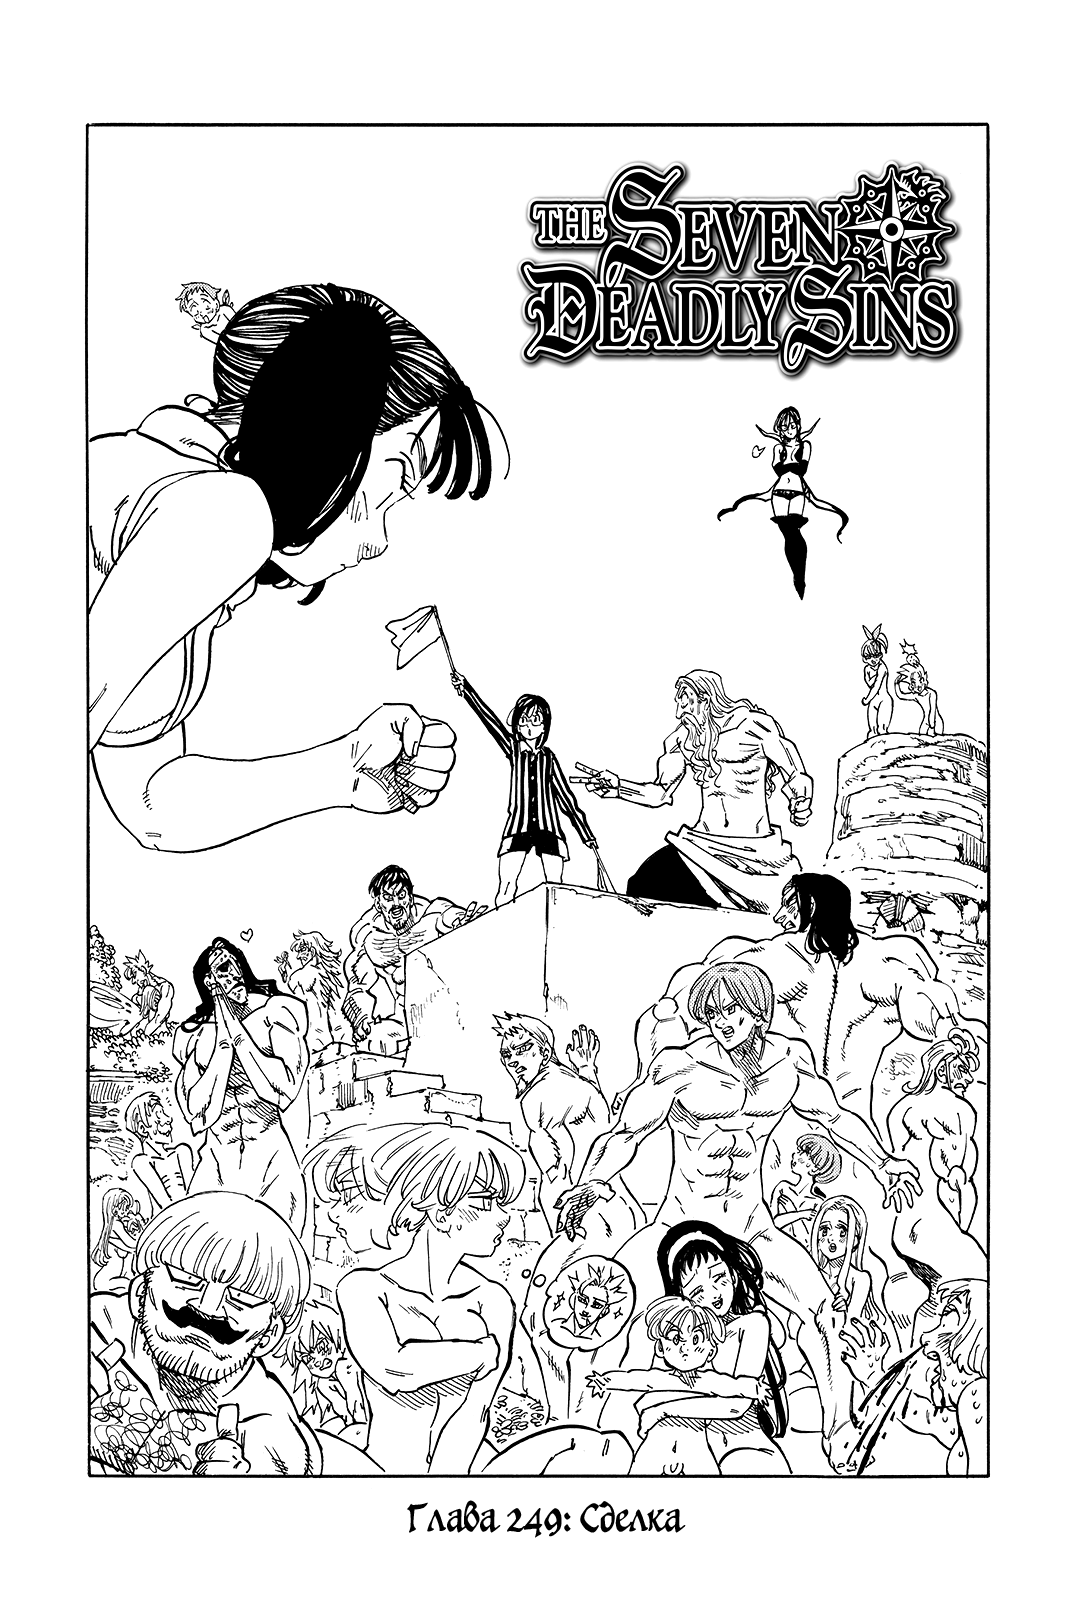 https://r1.ninemanga.com/comics/pic2/29/22109/390415/1516521931161.png Page 1